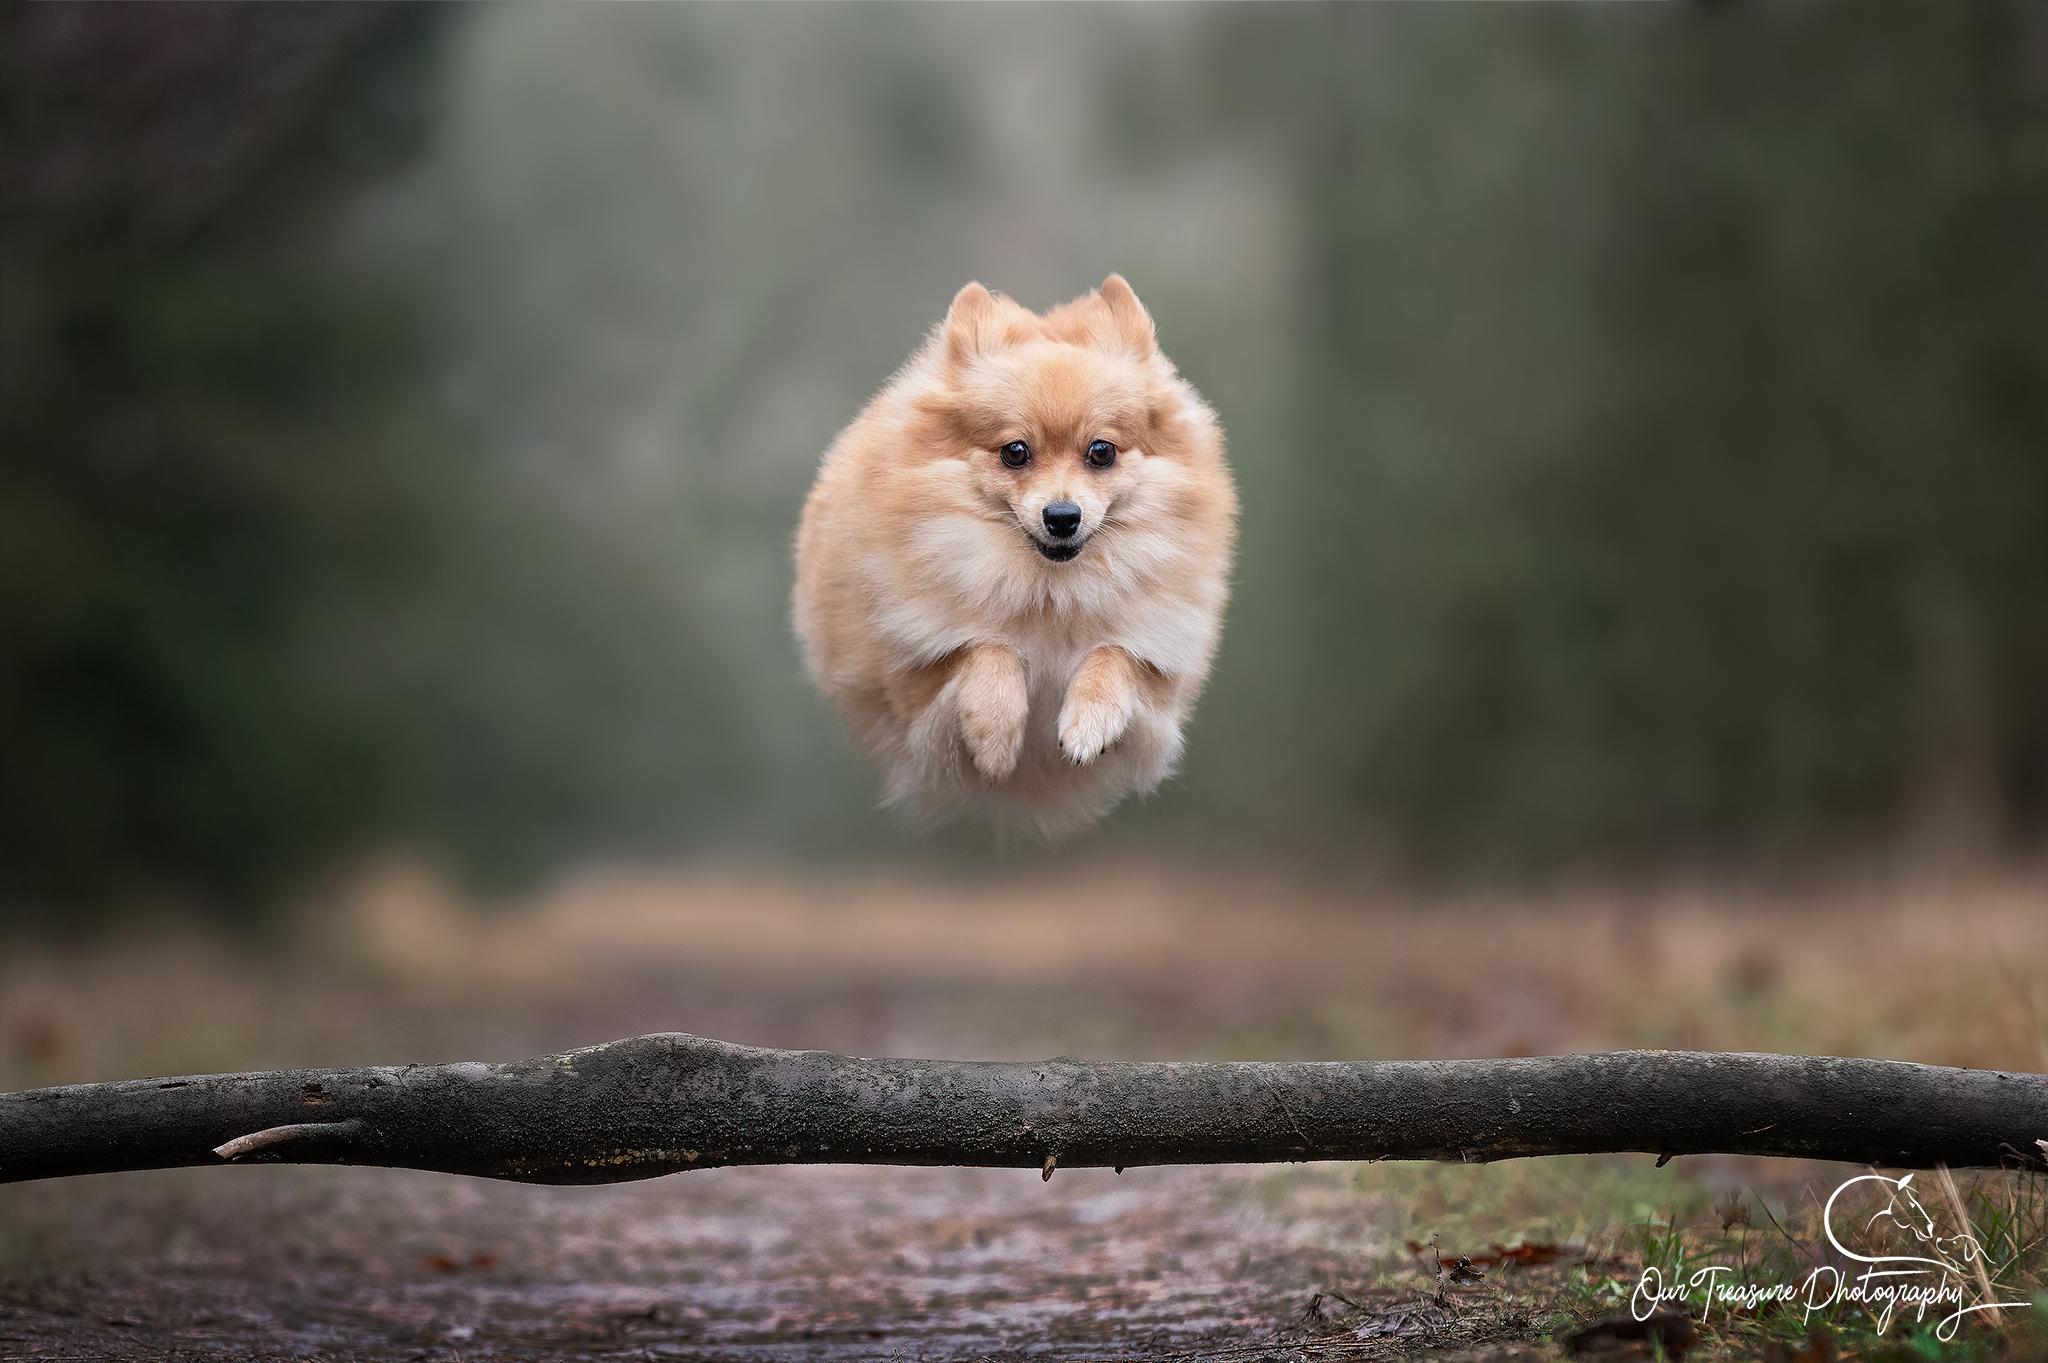 vliegende dwergkees Pawshoot hondenfotografie